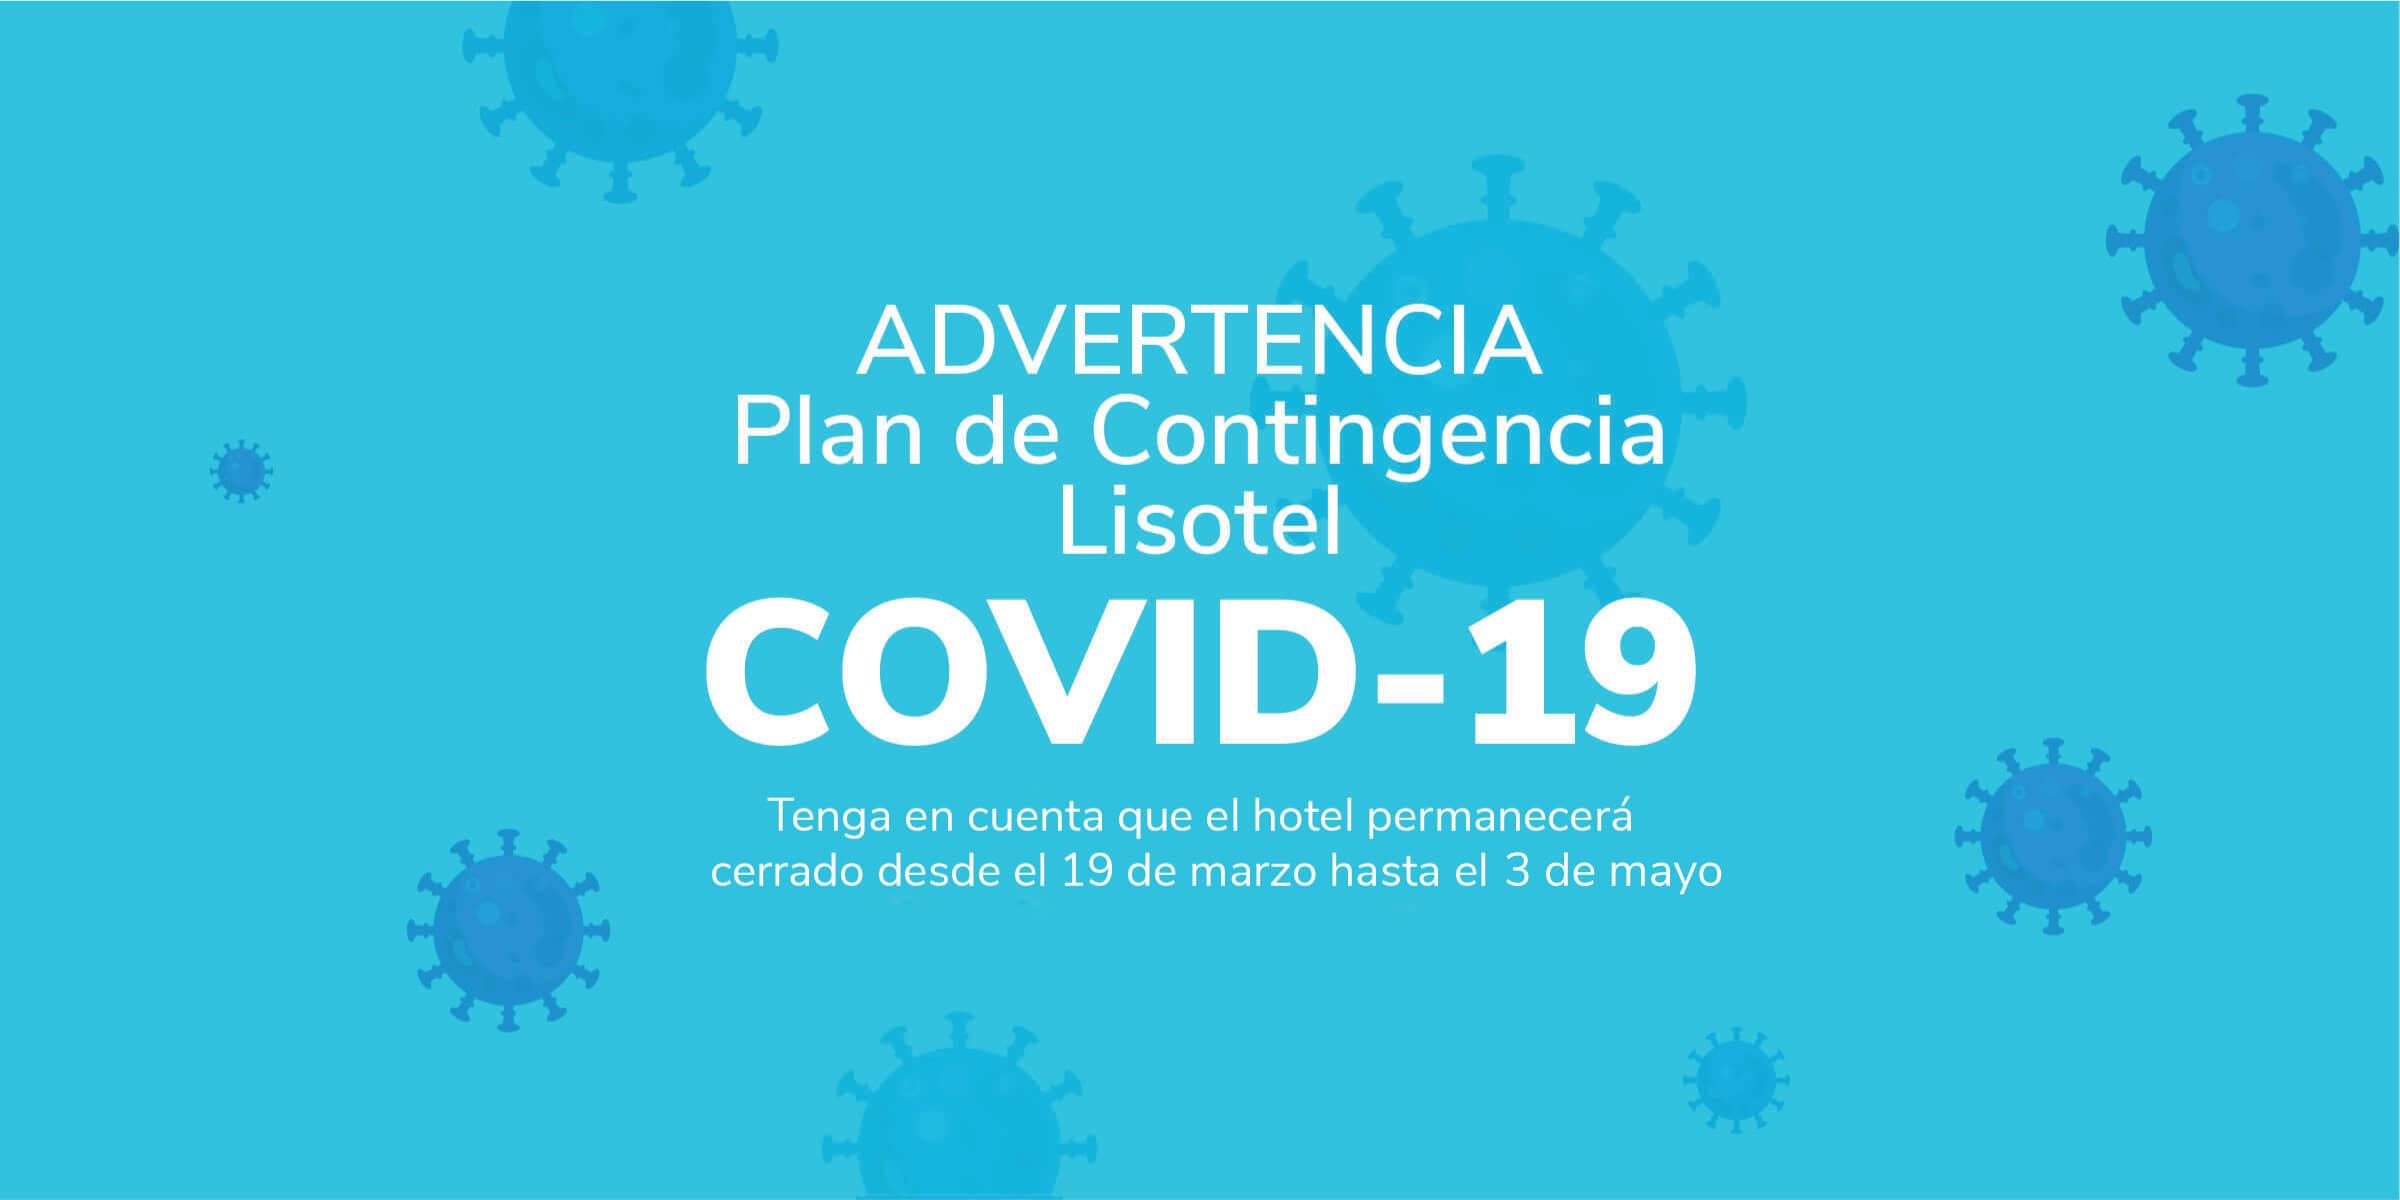 Advertencia - Plan de Contingencia COVID-19